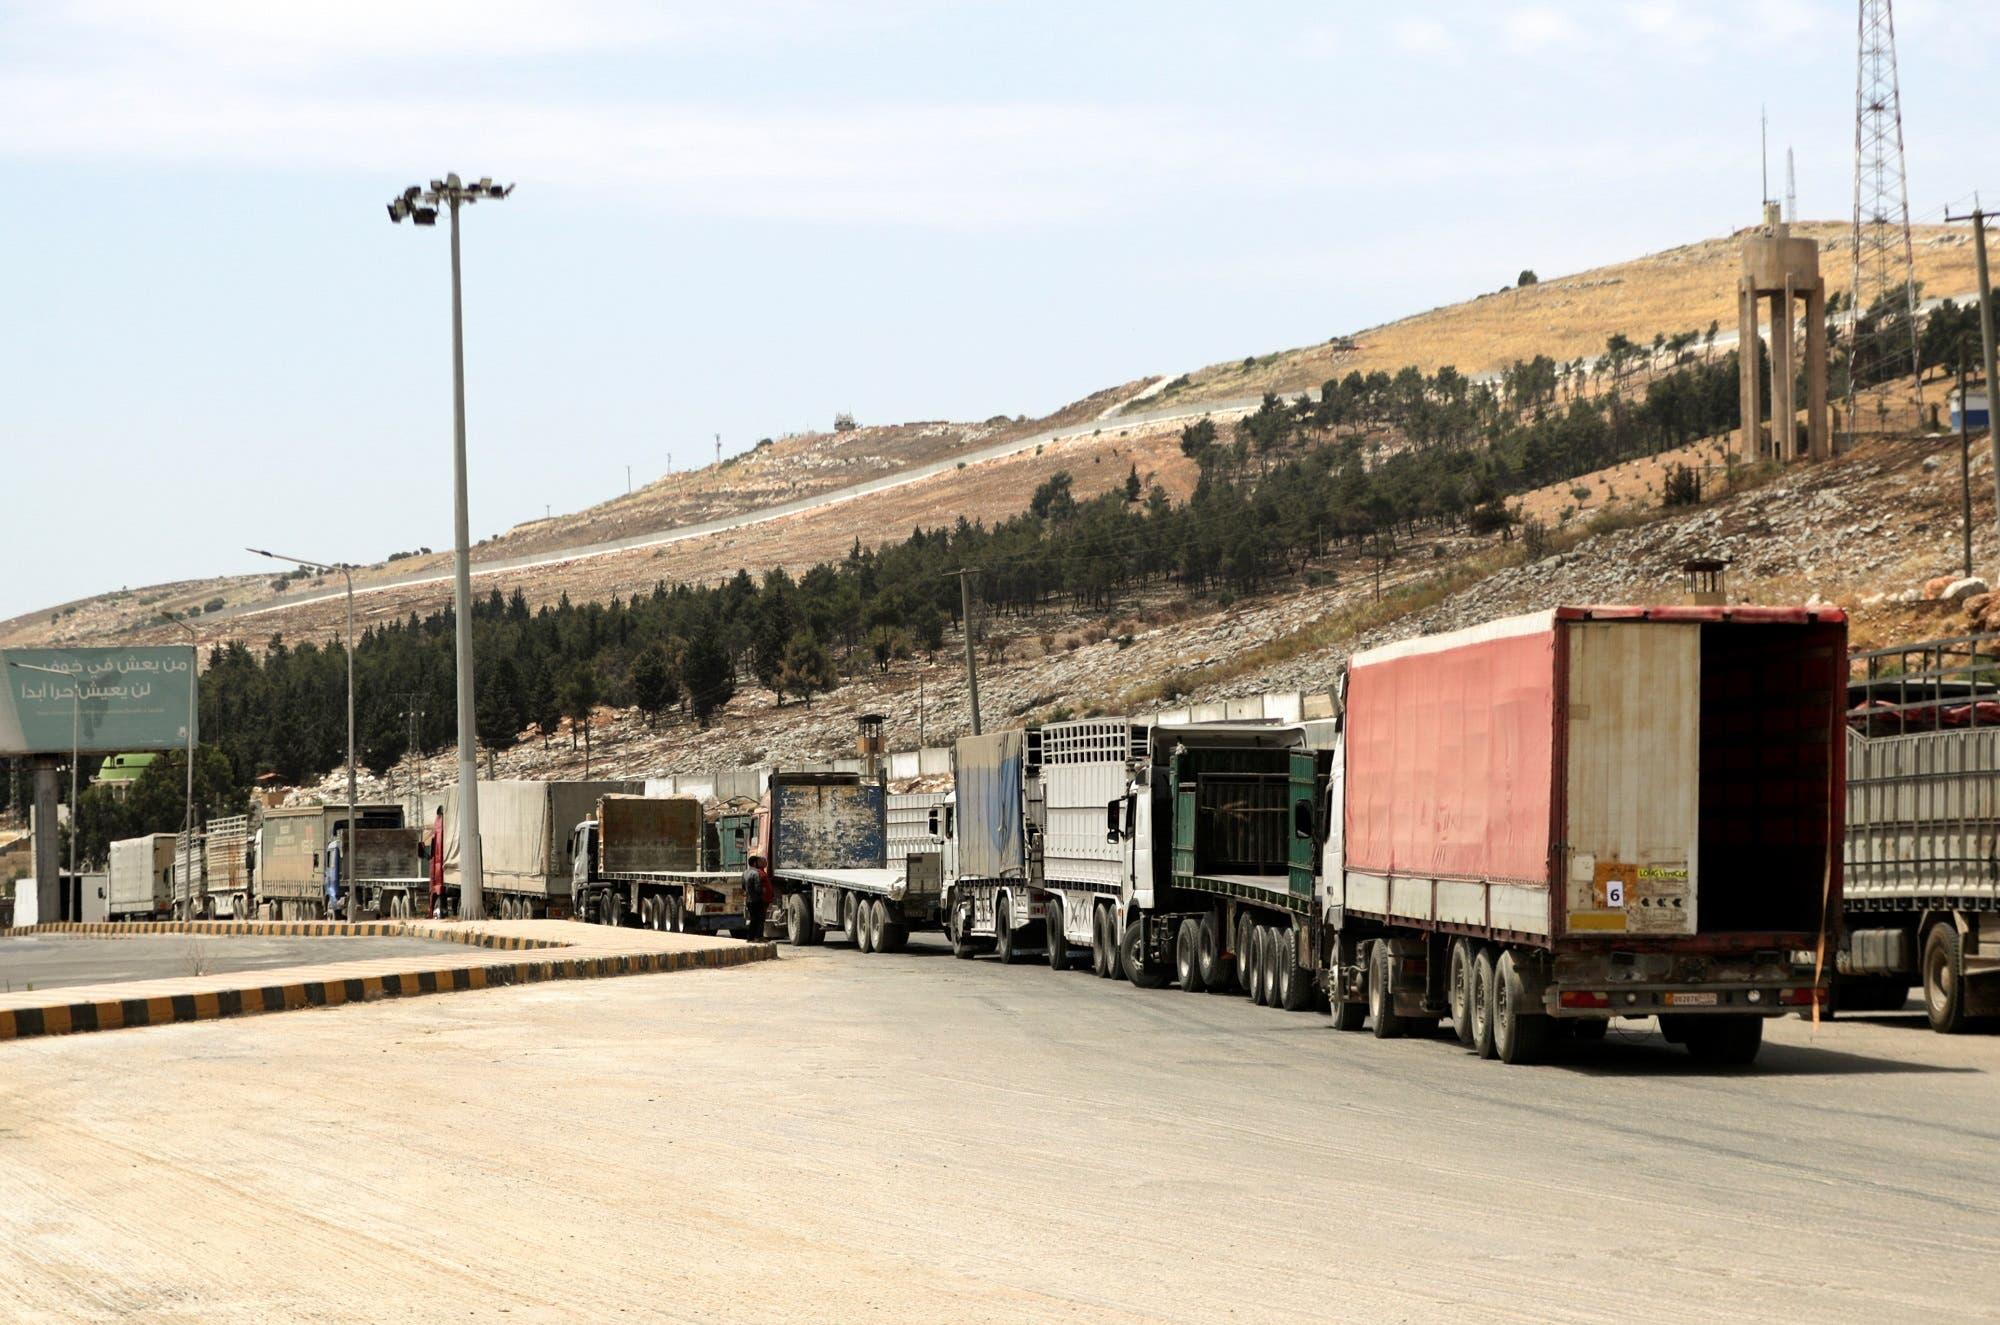 شاحنات تنتظر عند معبر باب الهوى على الحدود السورية التركية بمحافظة إدلب (أرشيفية من رويترز)